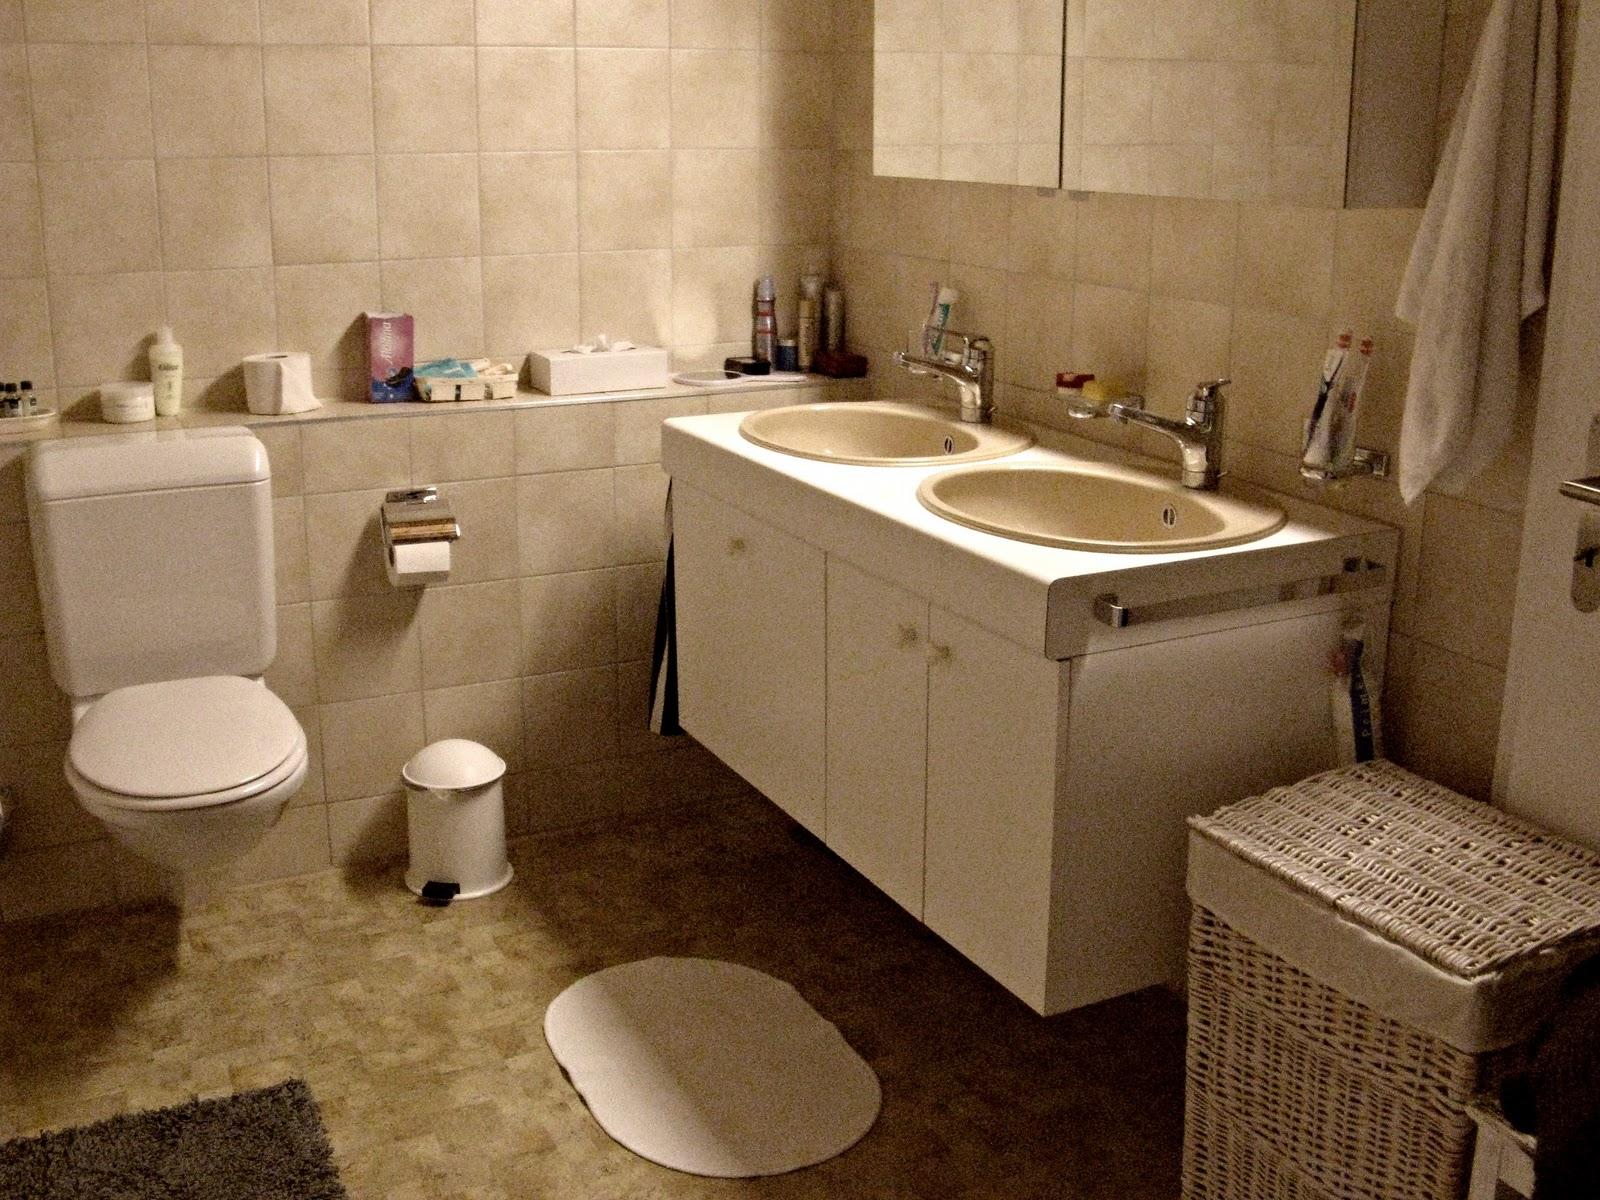 wilde henne das h sslichste bad damit fing alles an. Black Bedroom Furniture Sets. Home Design Ideas